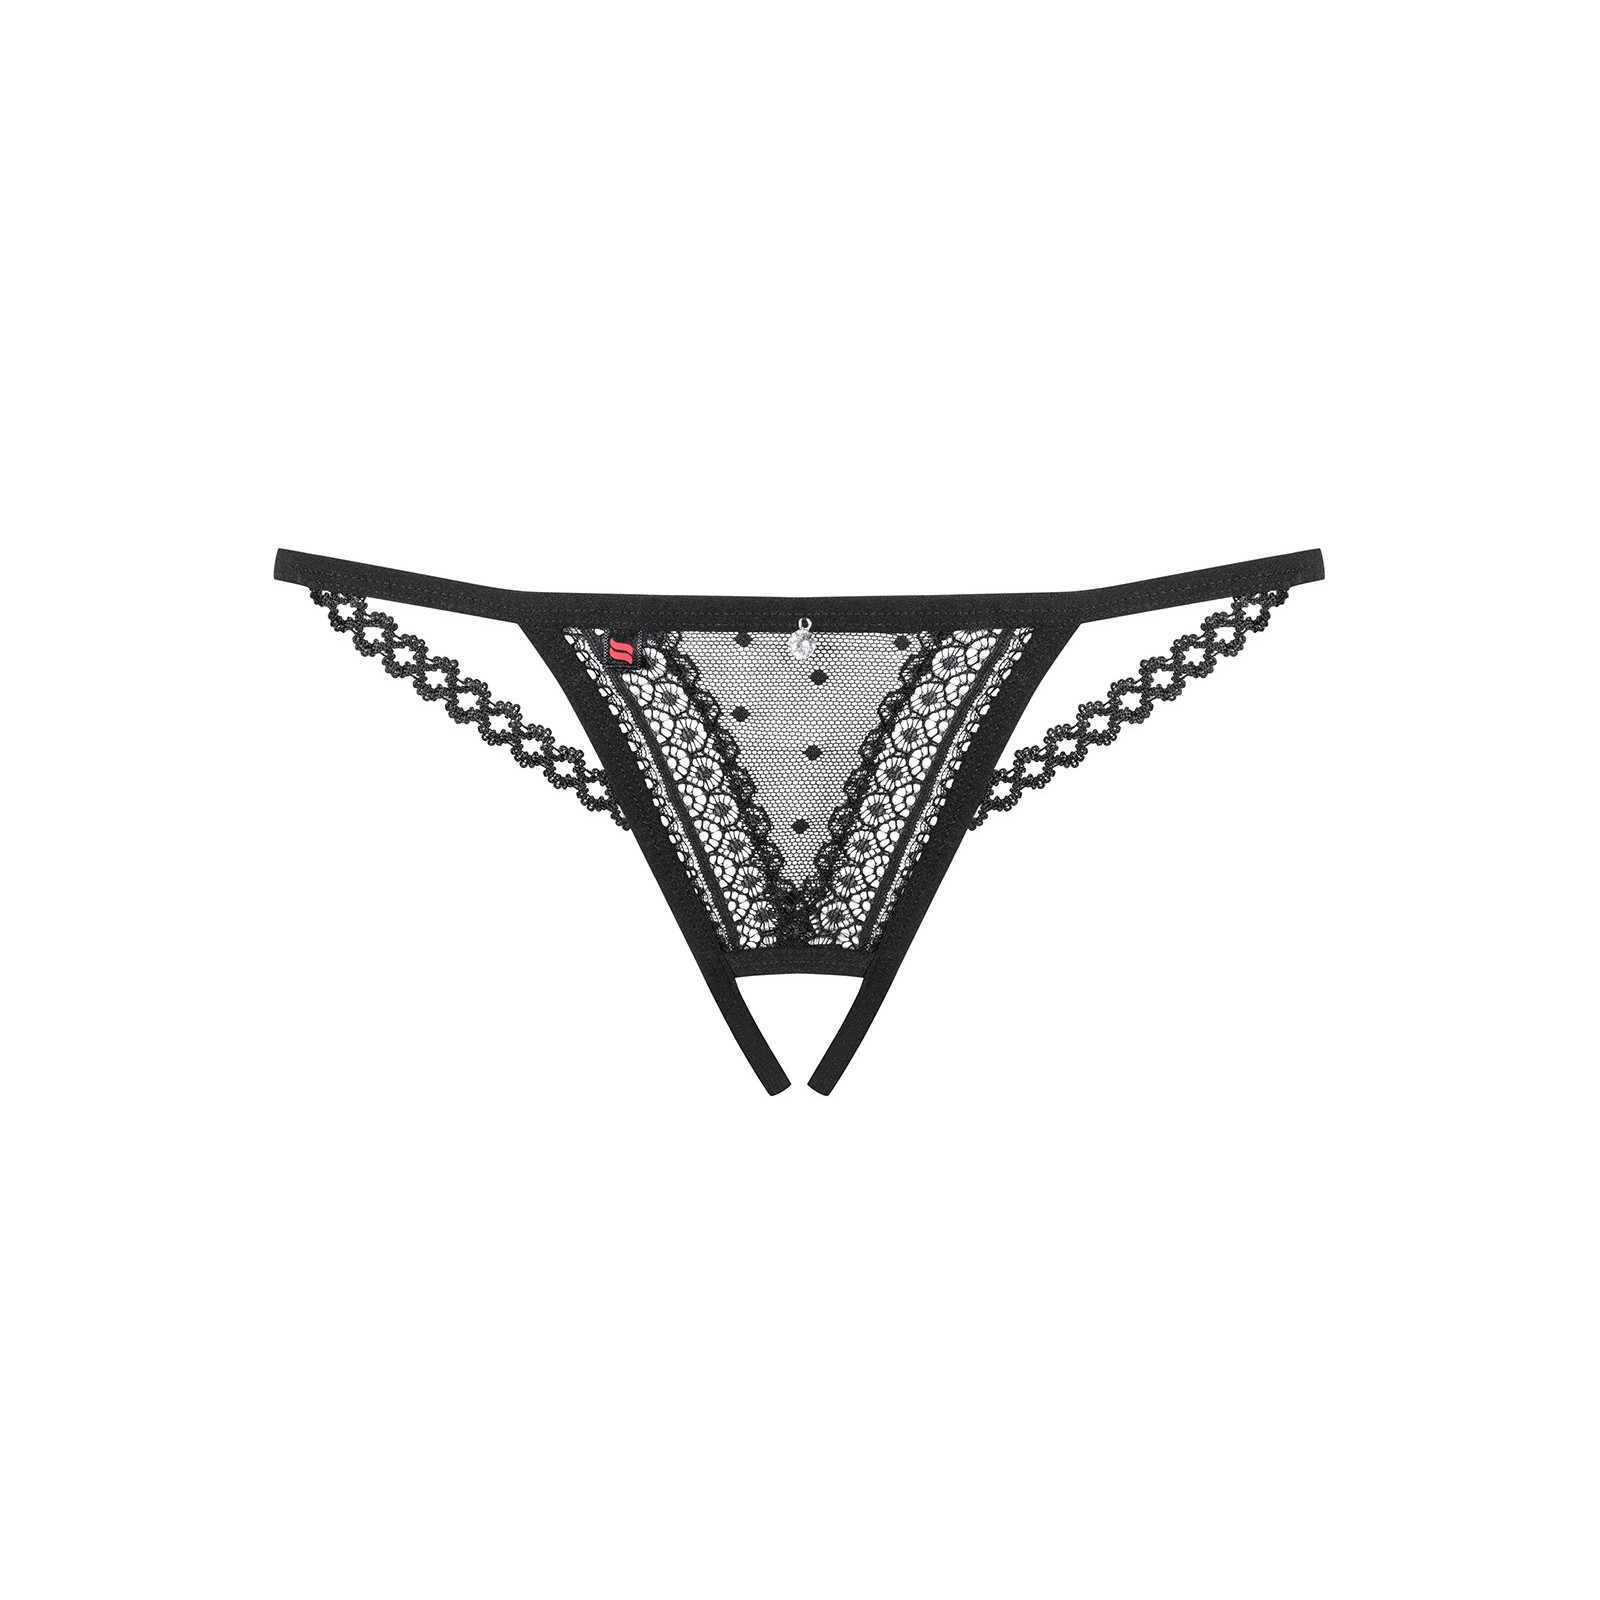 876-THC-1 Crotchless Thong schwarz - 7 - Vorschaubild